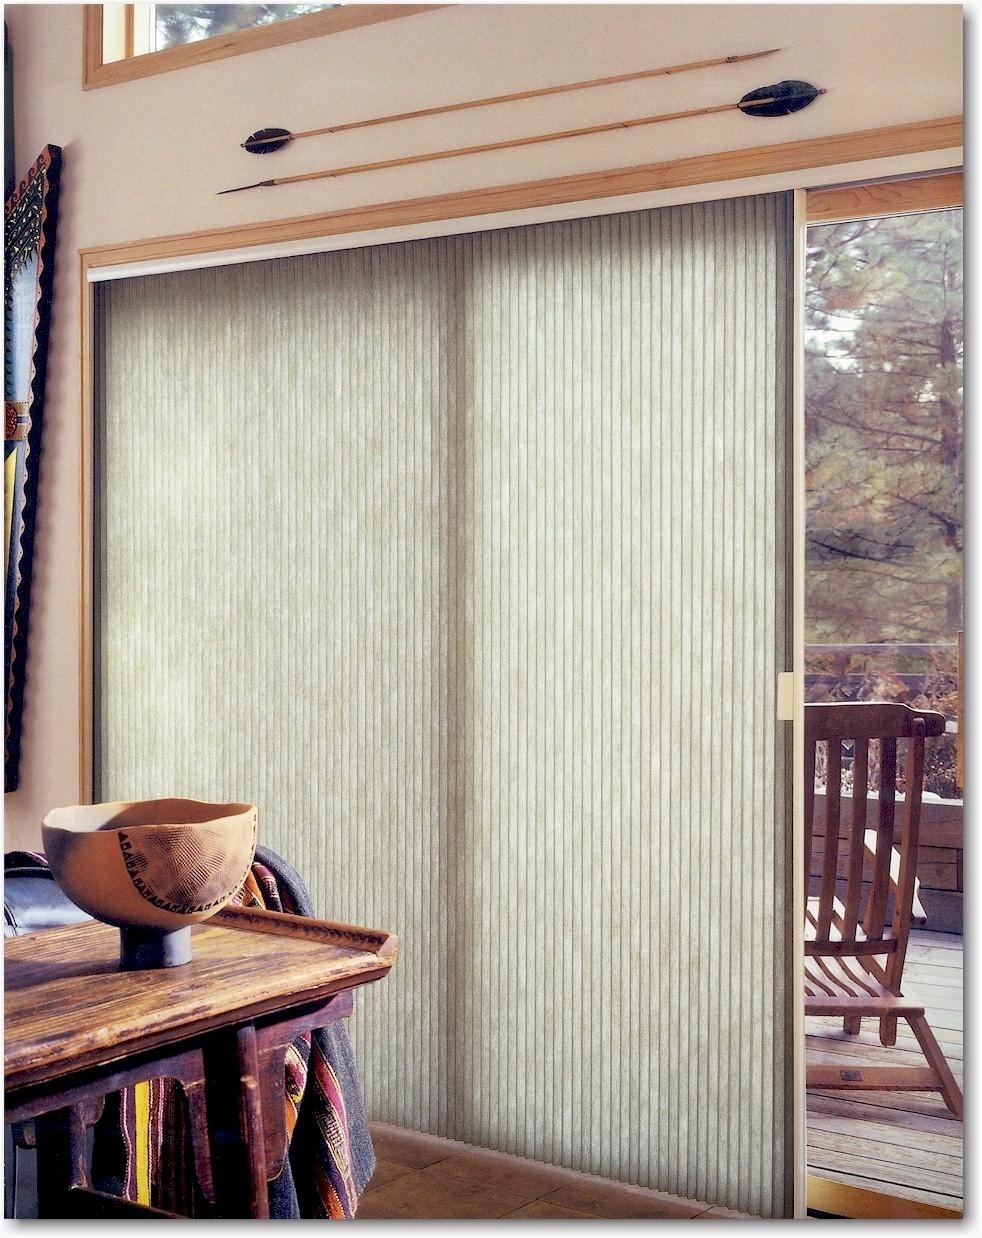 Levolor Cellular Shades For Sliding Doorsvertical cellular shades and blinds blinds express